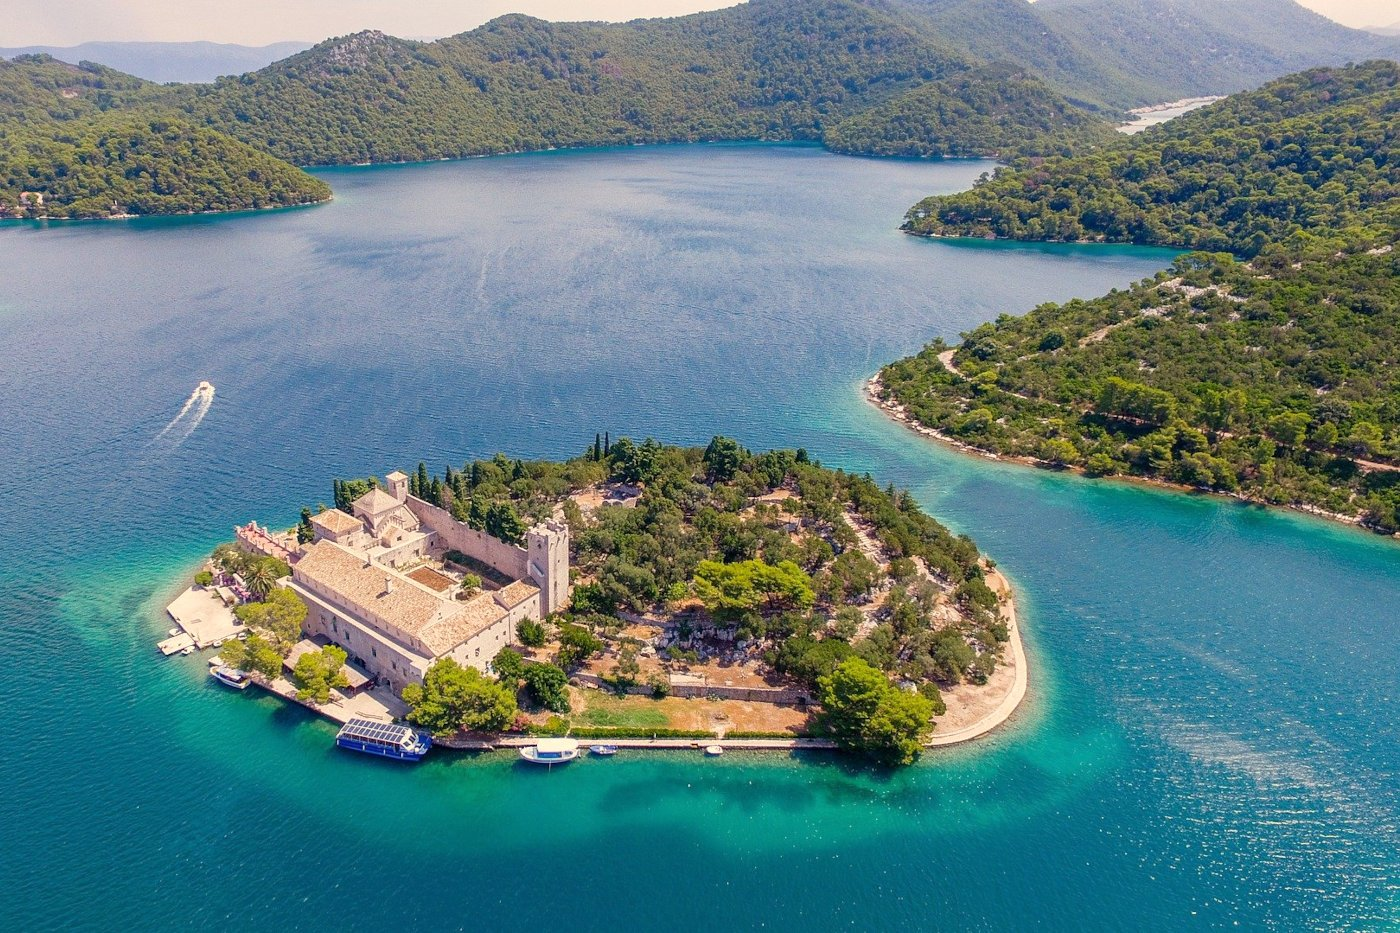 Mljet Large Lake with St Mary